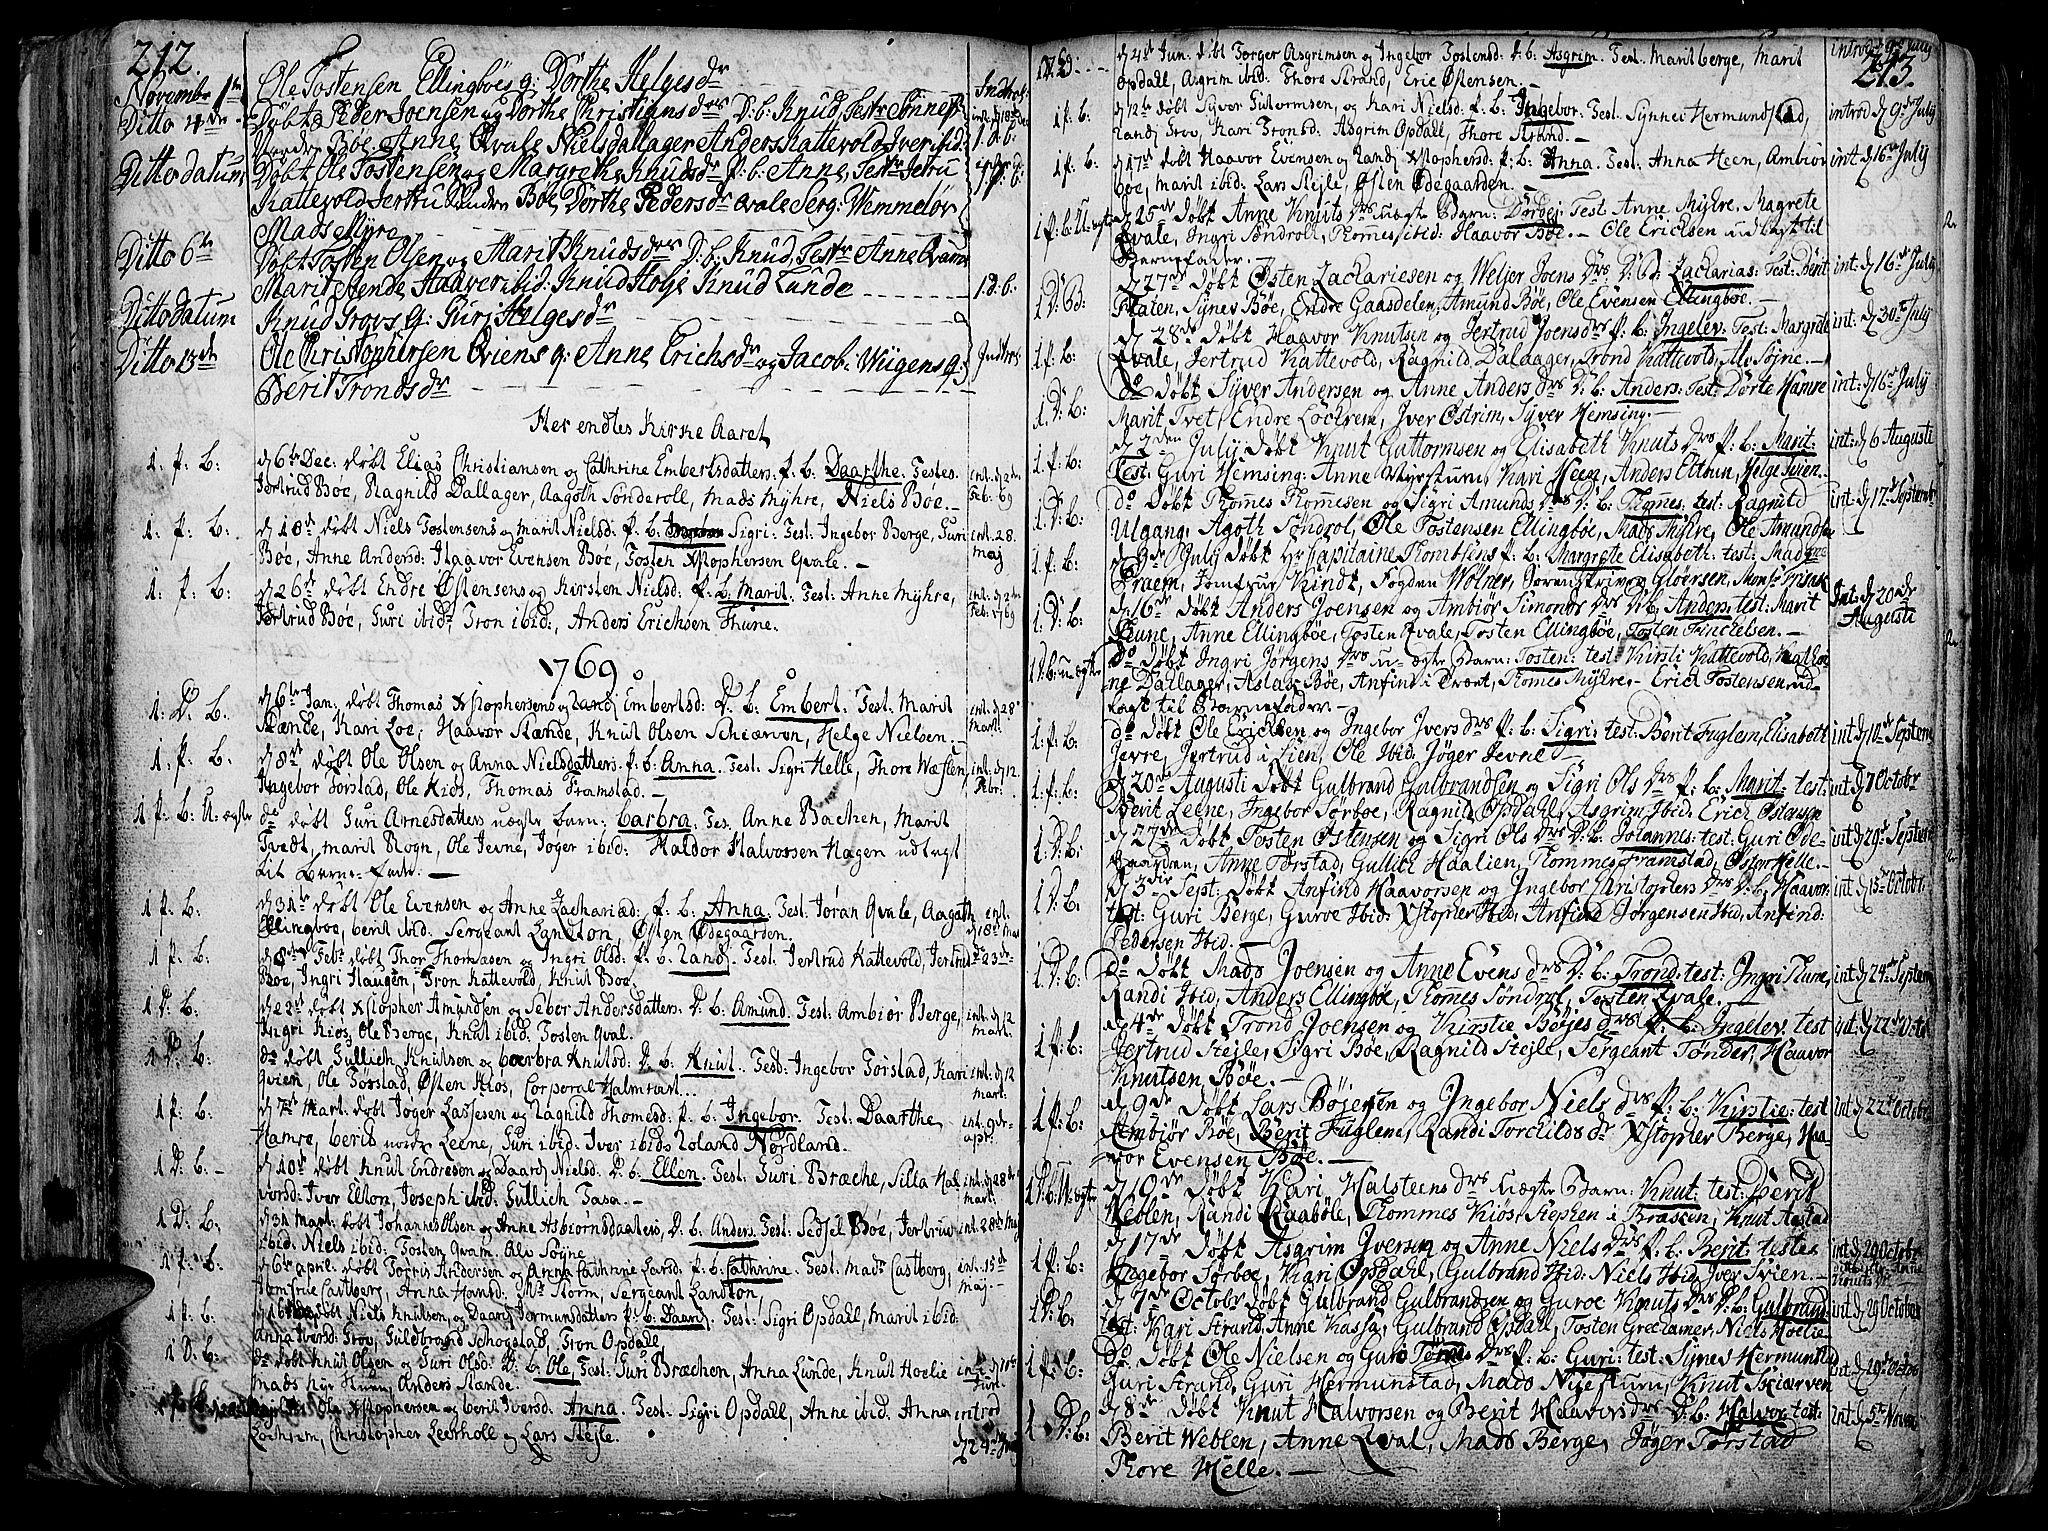 SAH, Vang prestekontor, Valdres, Ministerialbok nr. 1, 1730-1796, s. 212-213